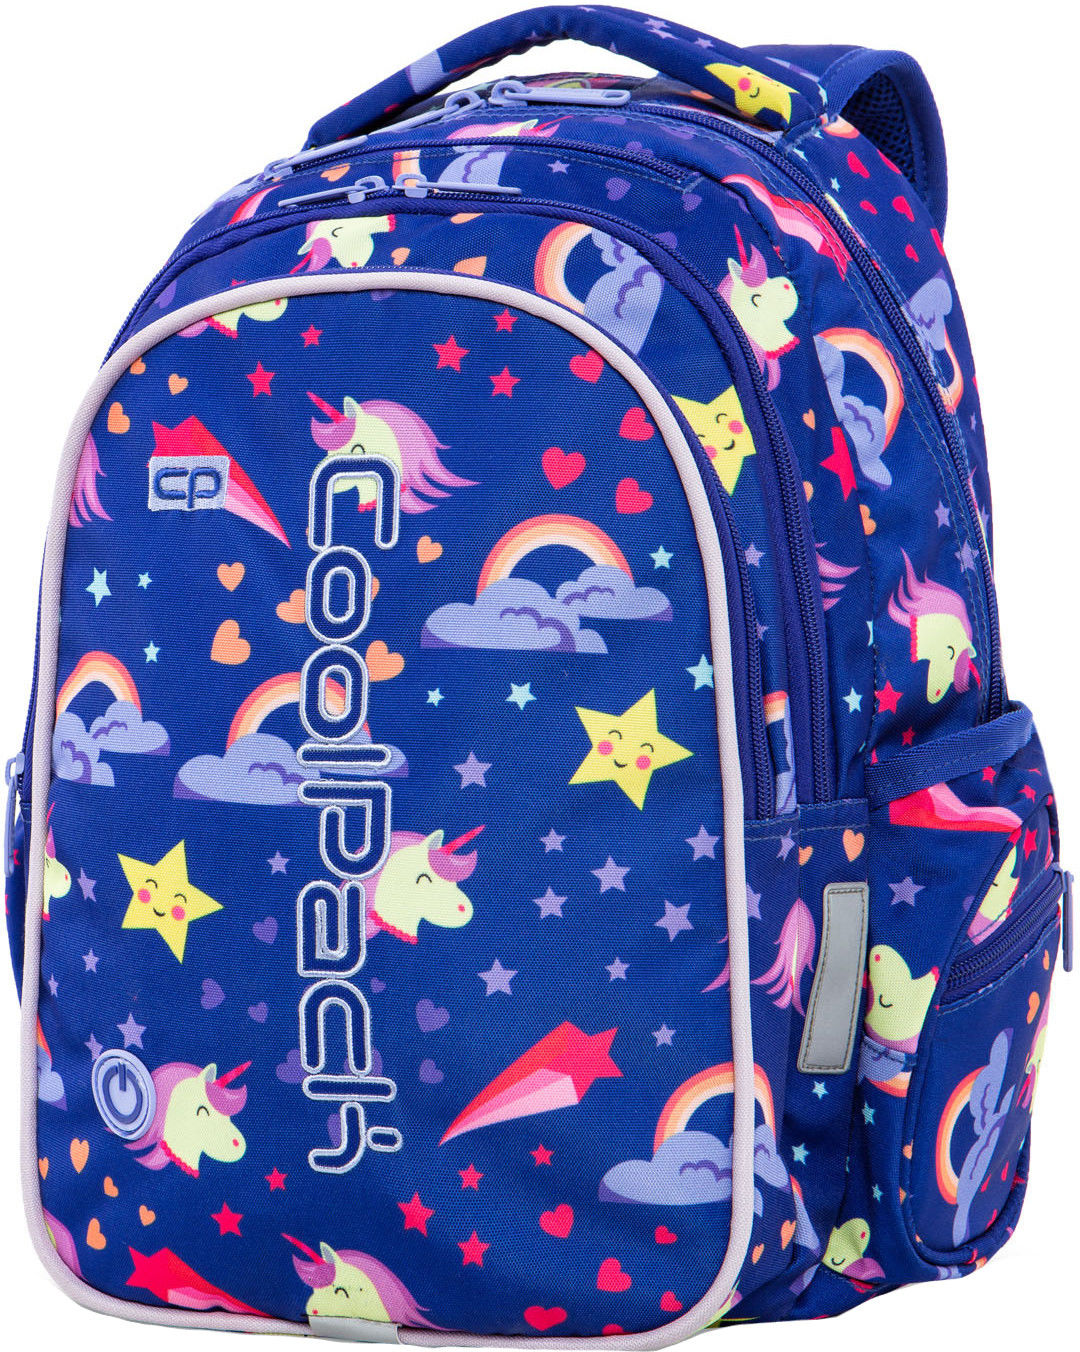 Plecak młodzieżowy CoolPack Joy/M Led Unicorns A20208